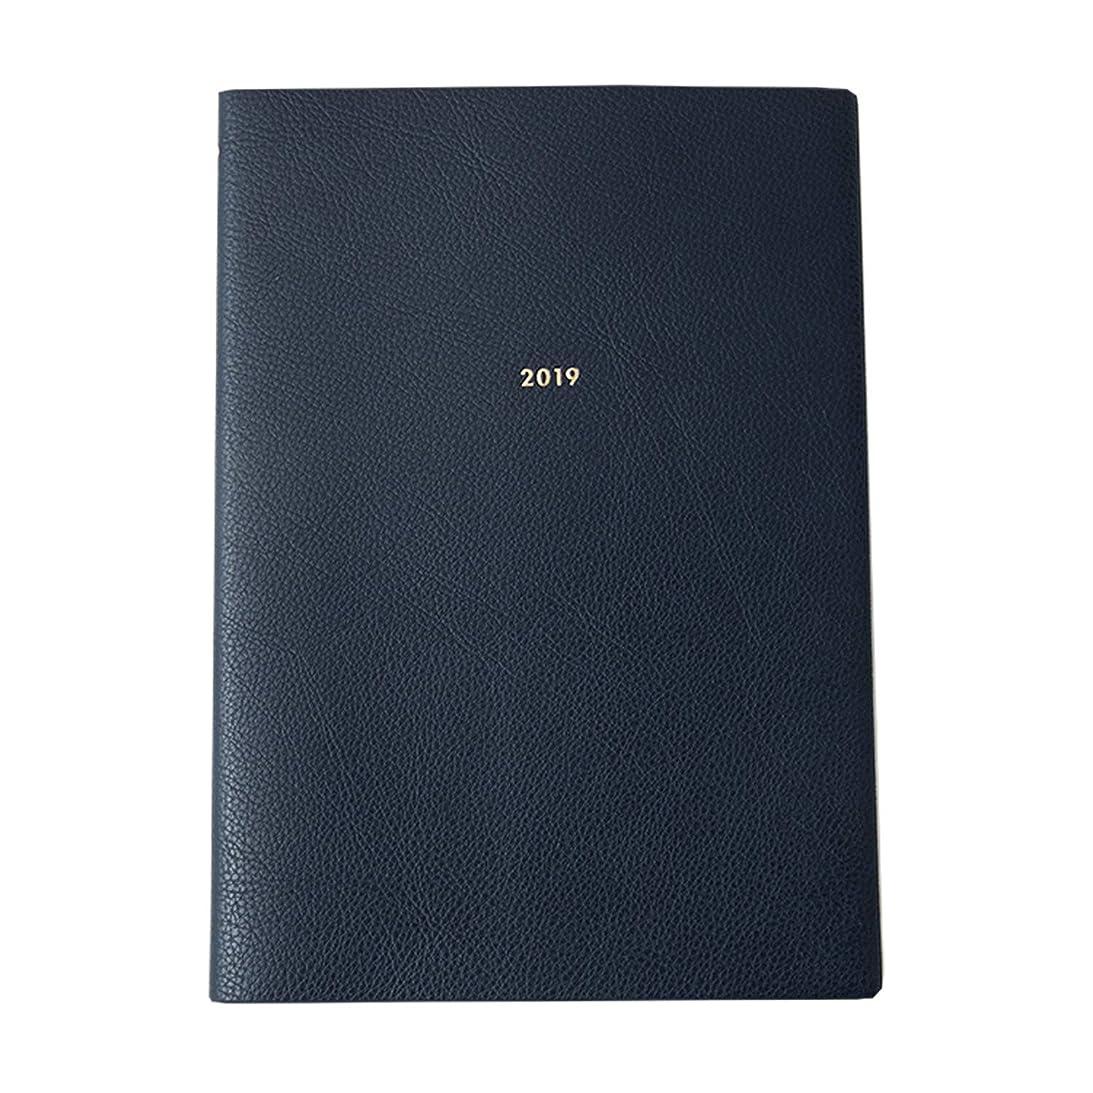 インタビュー鍔独創的グリーティングライフ モーメントプランナー 手帳 2019年 B5 マンスリー バーチカル ネイビー CD-821-HT 2018年 12月始まり